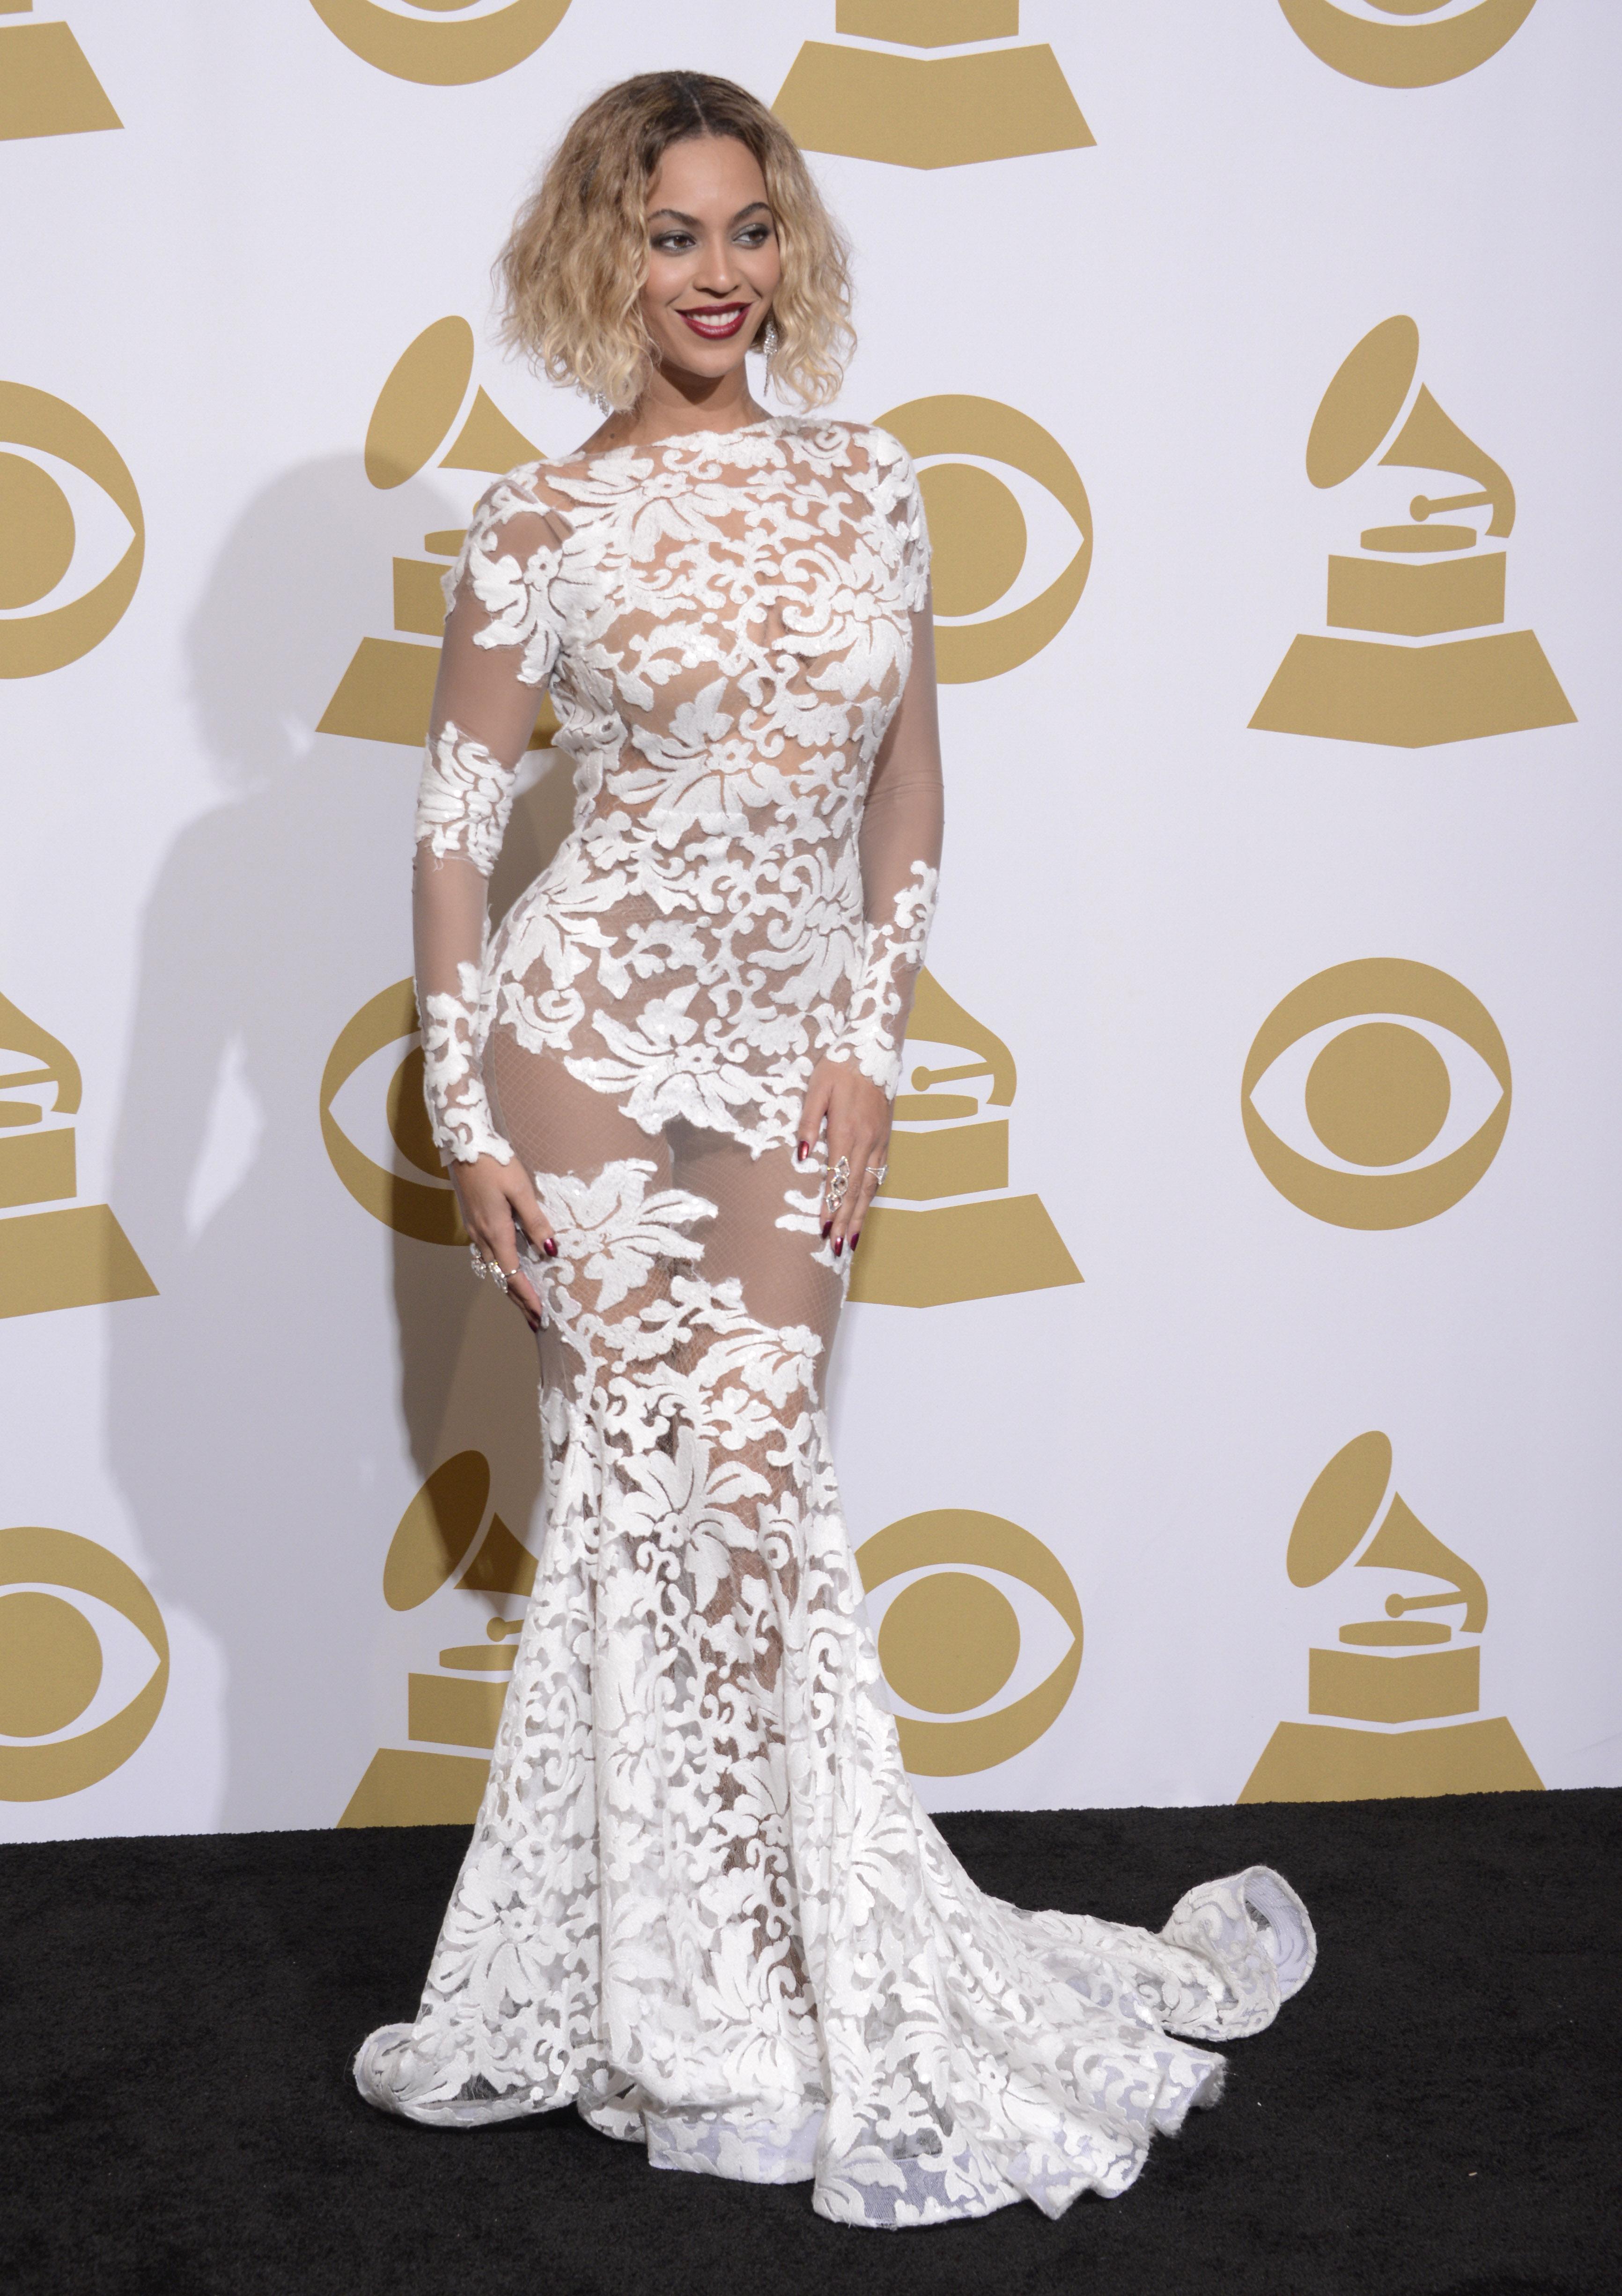 Певица Бейонсе поразила откровенным нарядом на церемонии награждения Grammy 2014